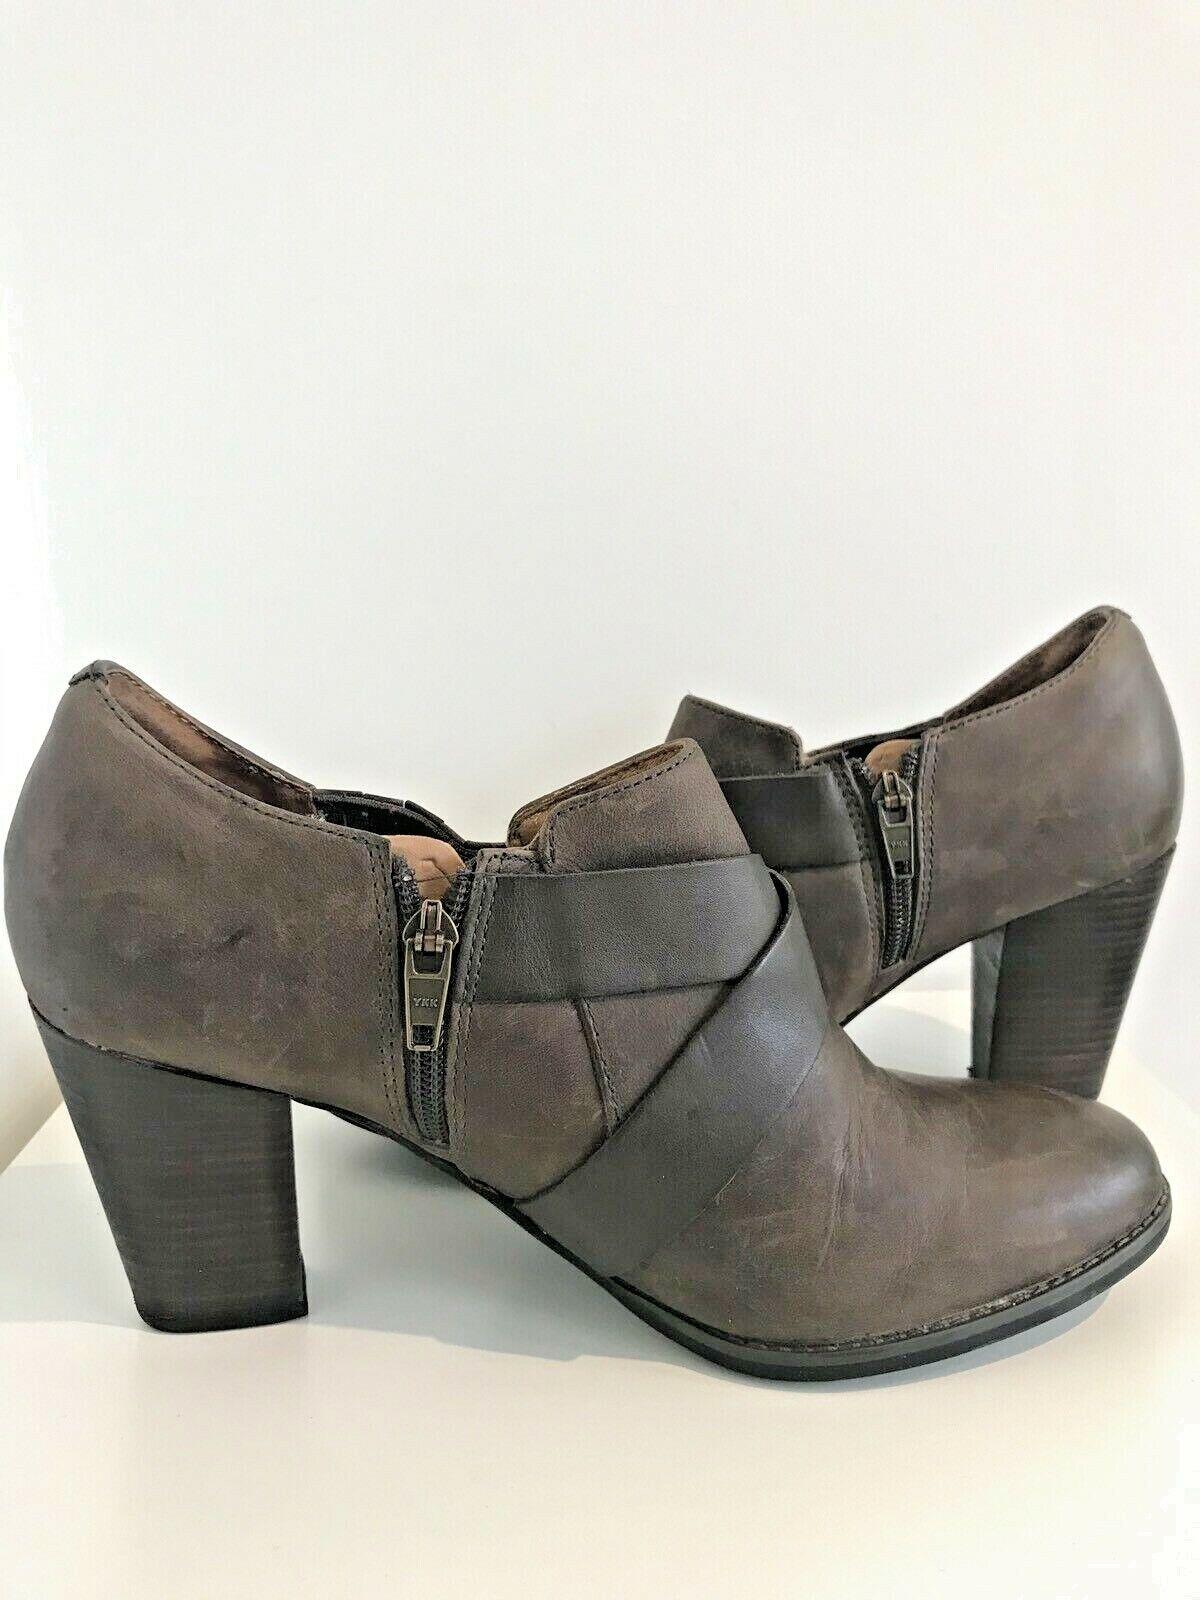 Clarks Women's Brown Leather Buckle Heel shoes Boot UK 7 7 7 D fd8871